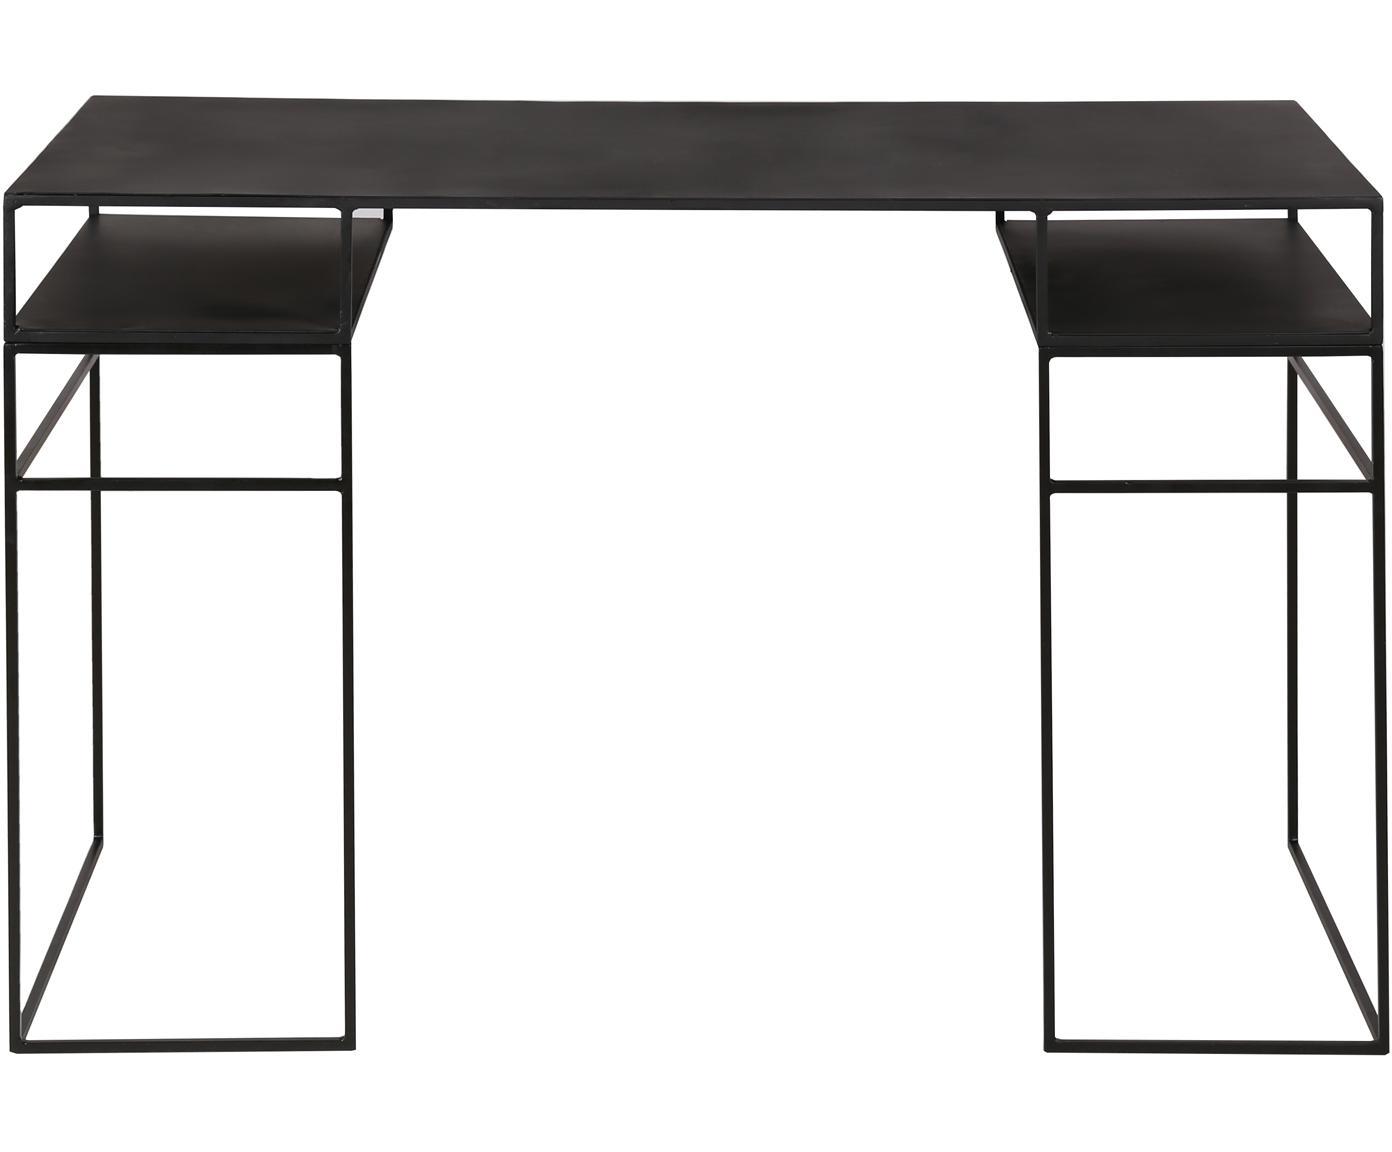 Metalen bureau Expo in zwart, Gecoat metaal, Zwart, B 120 x D 55 cm